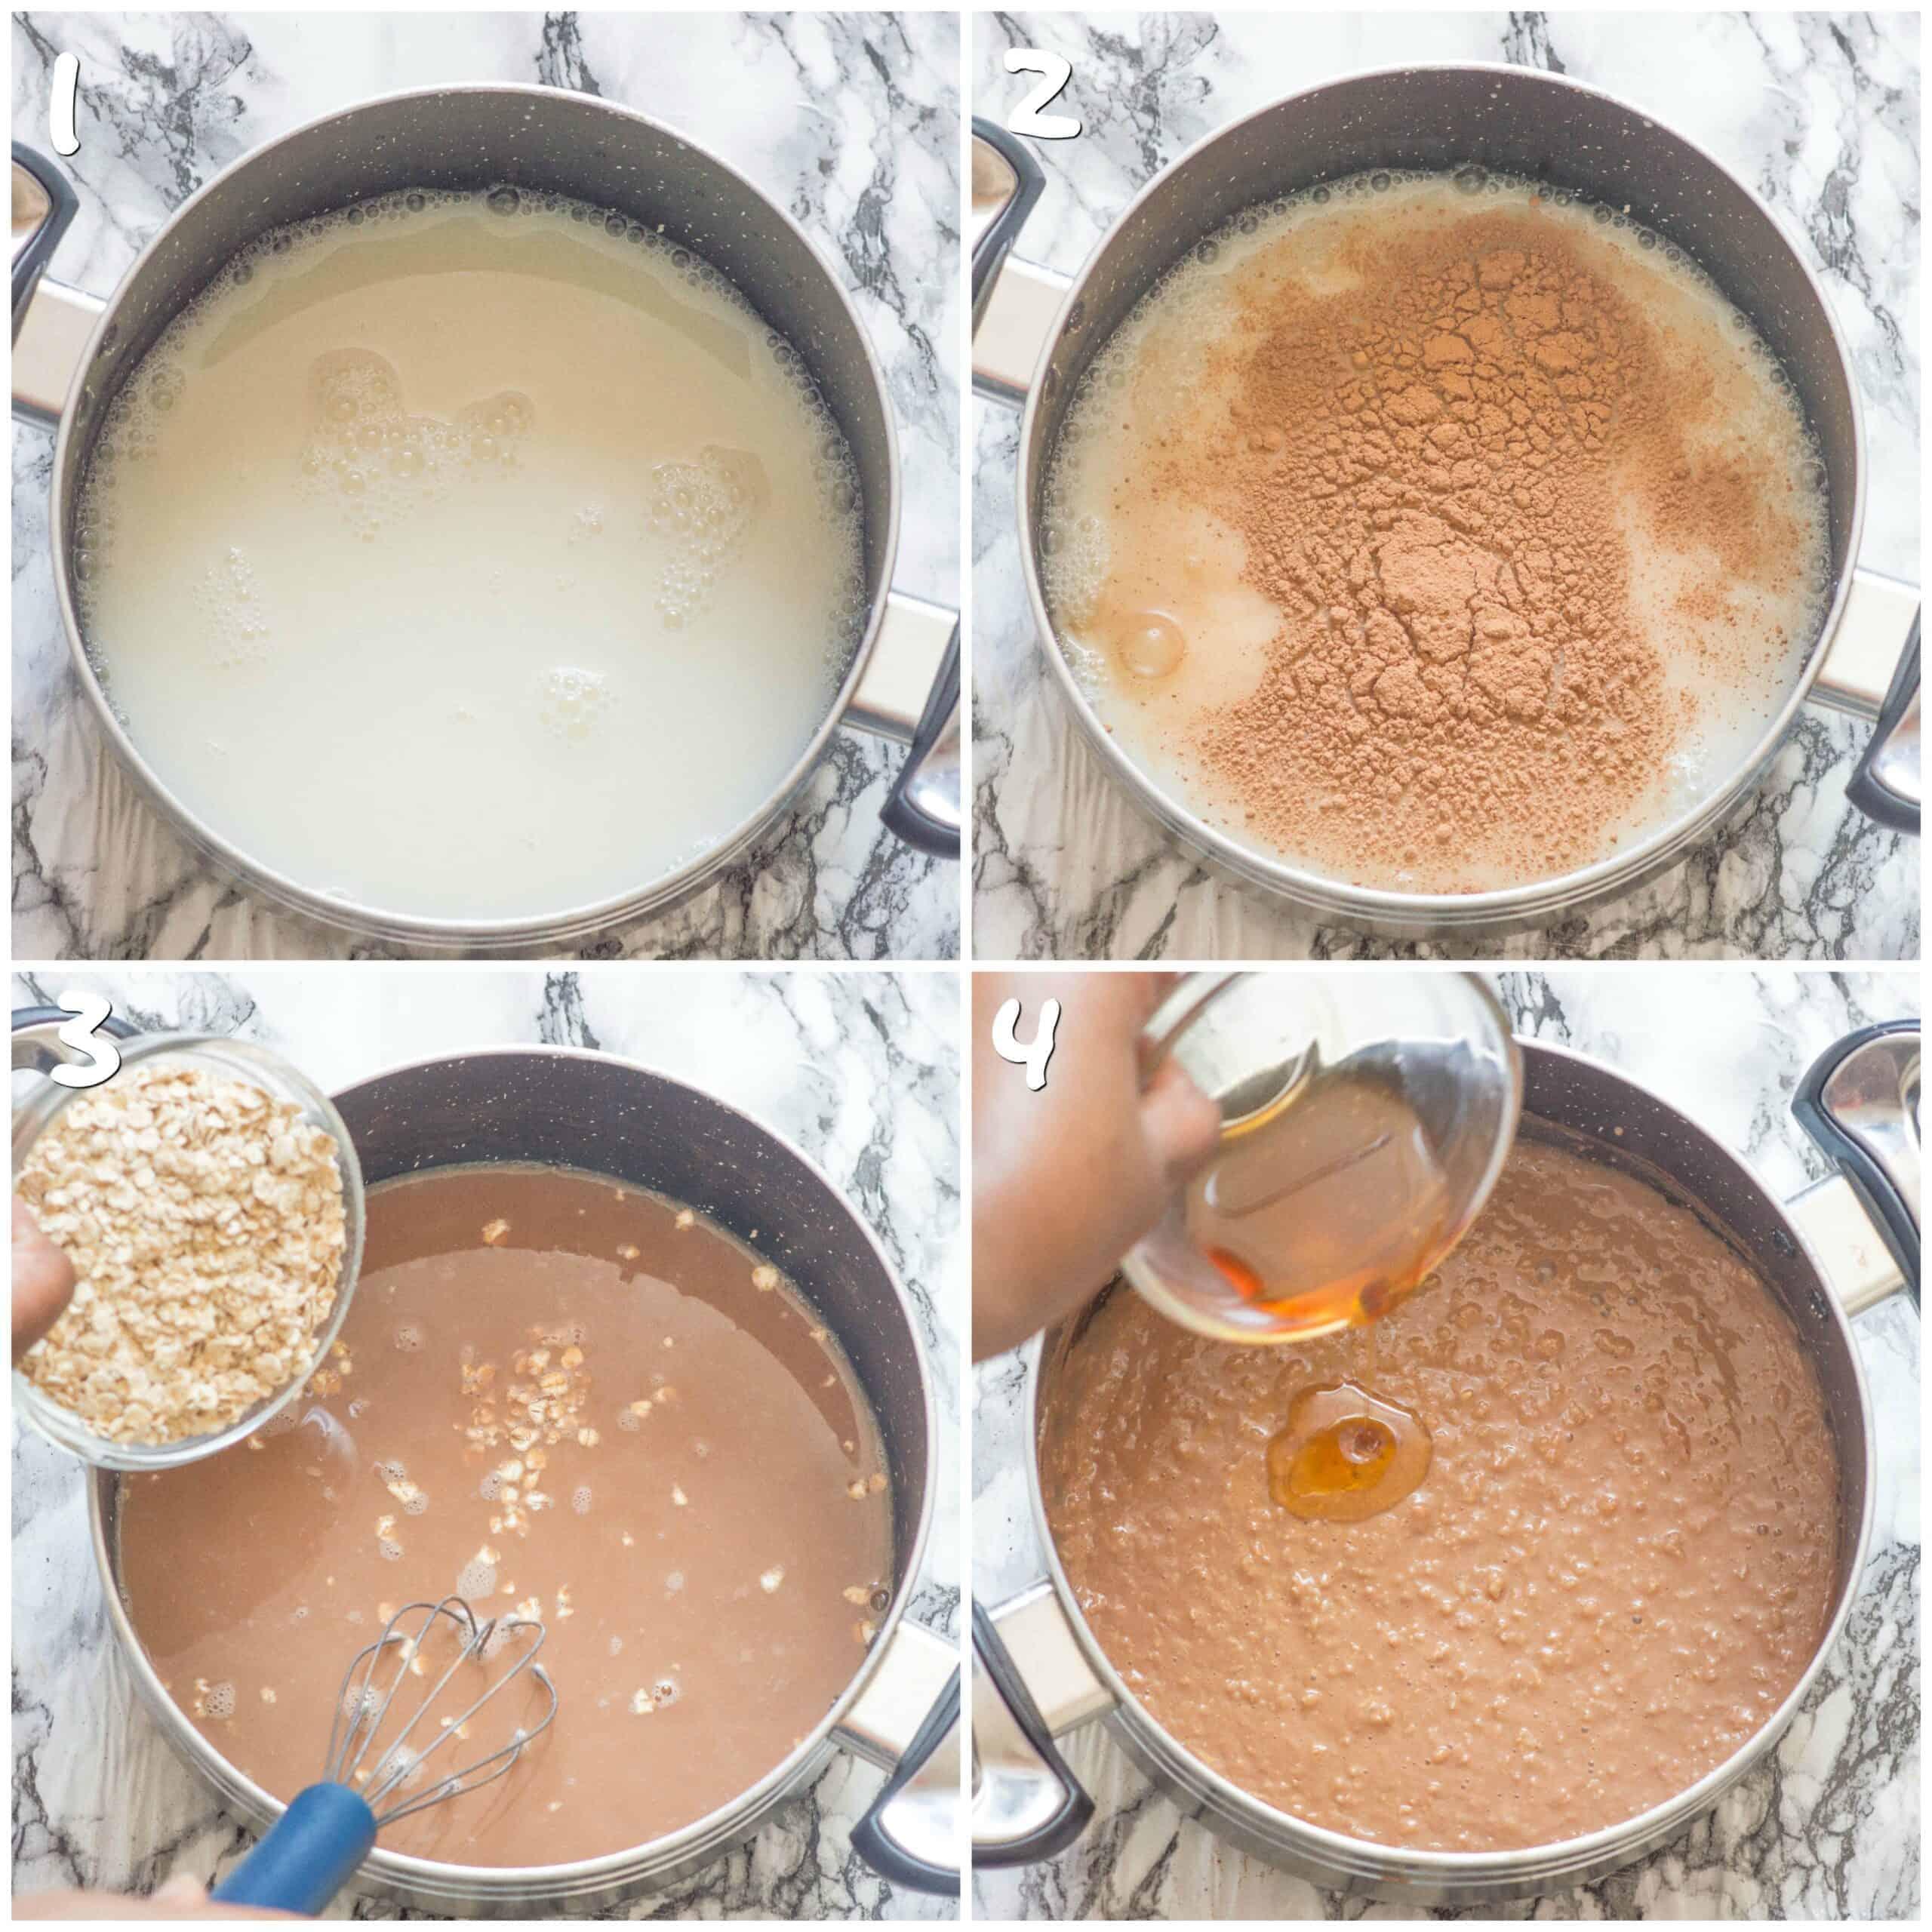 steps 1-4 making the porridge